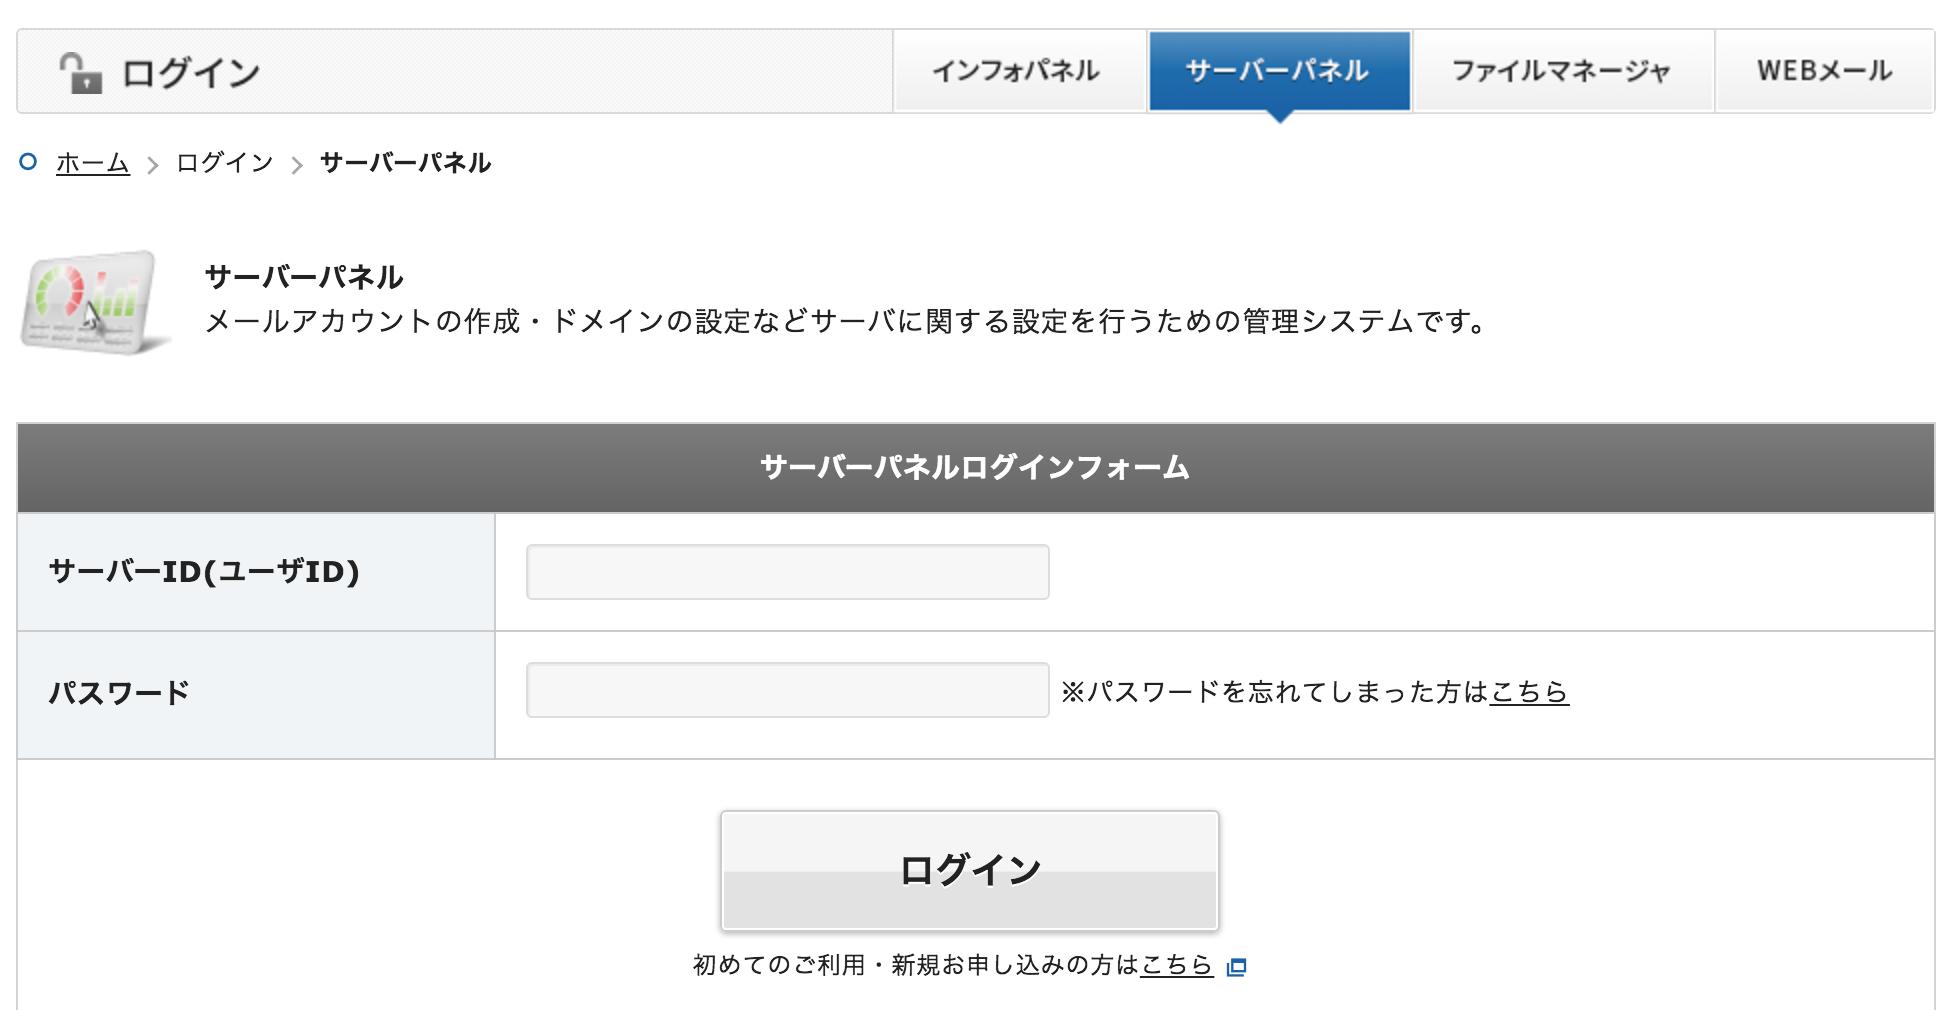 Xserver(エックスサーバー)WEBメール転送方法